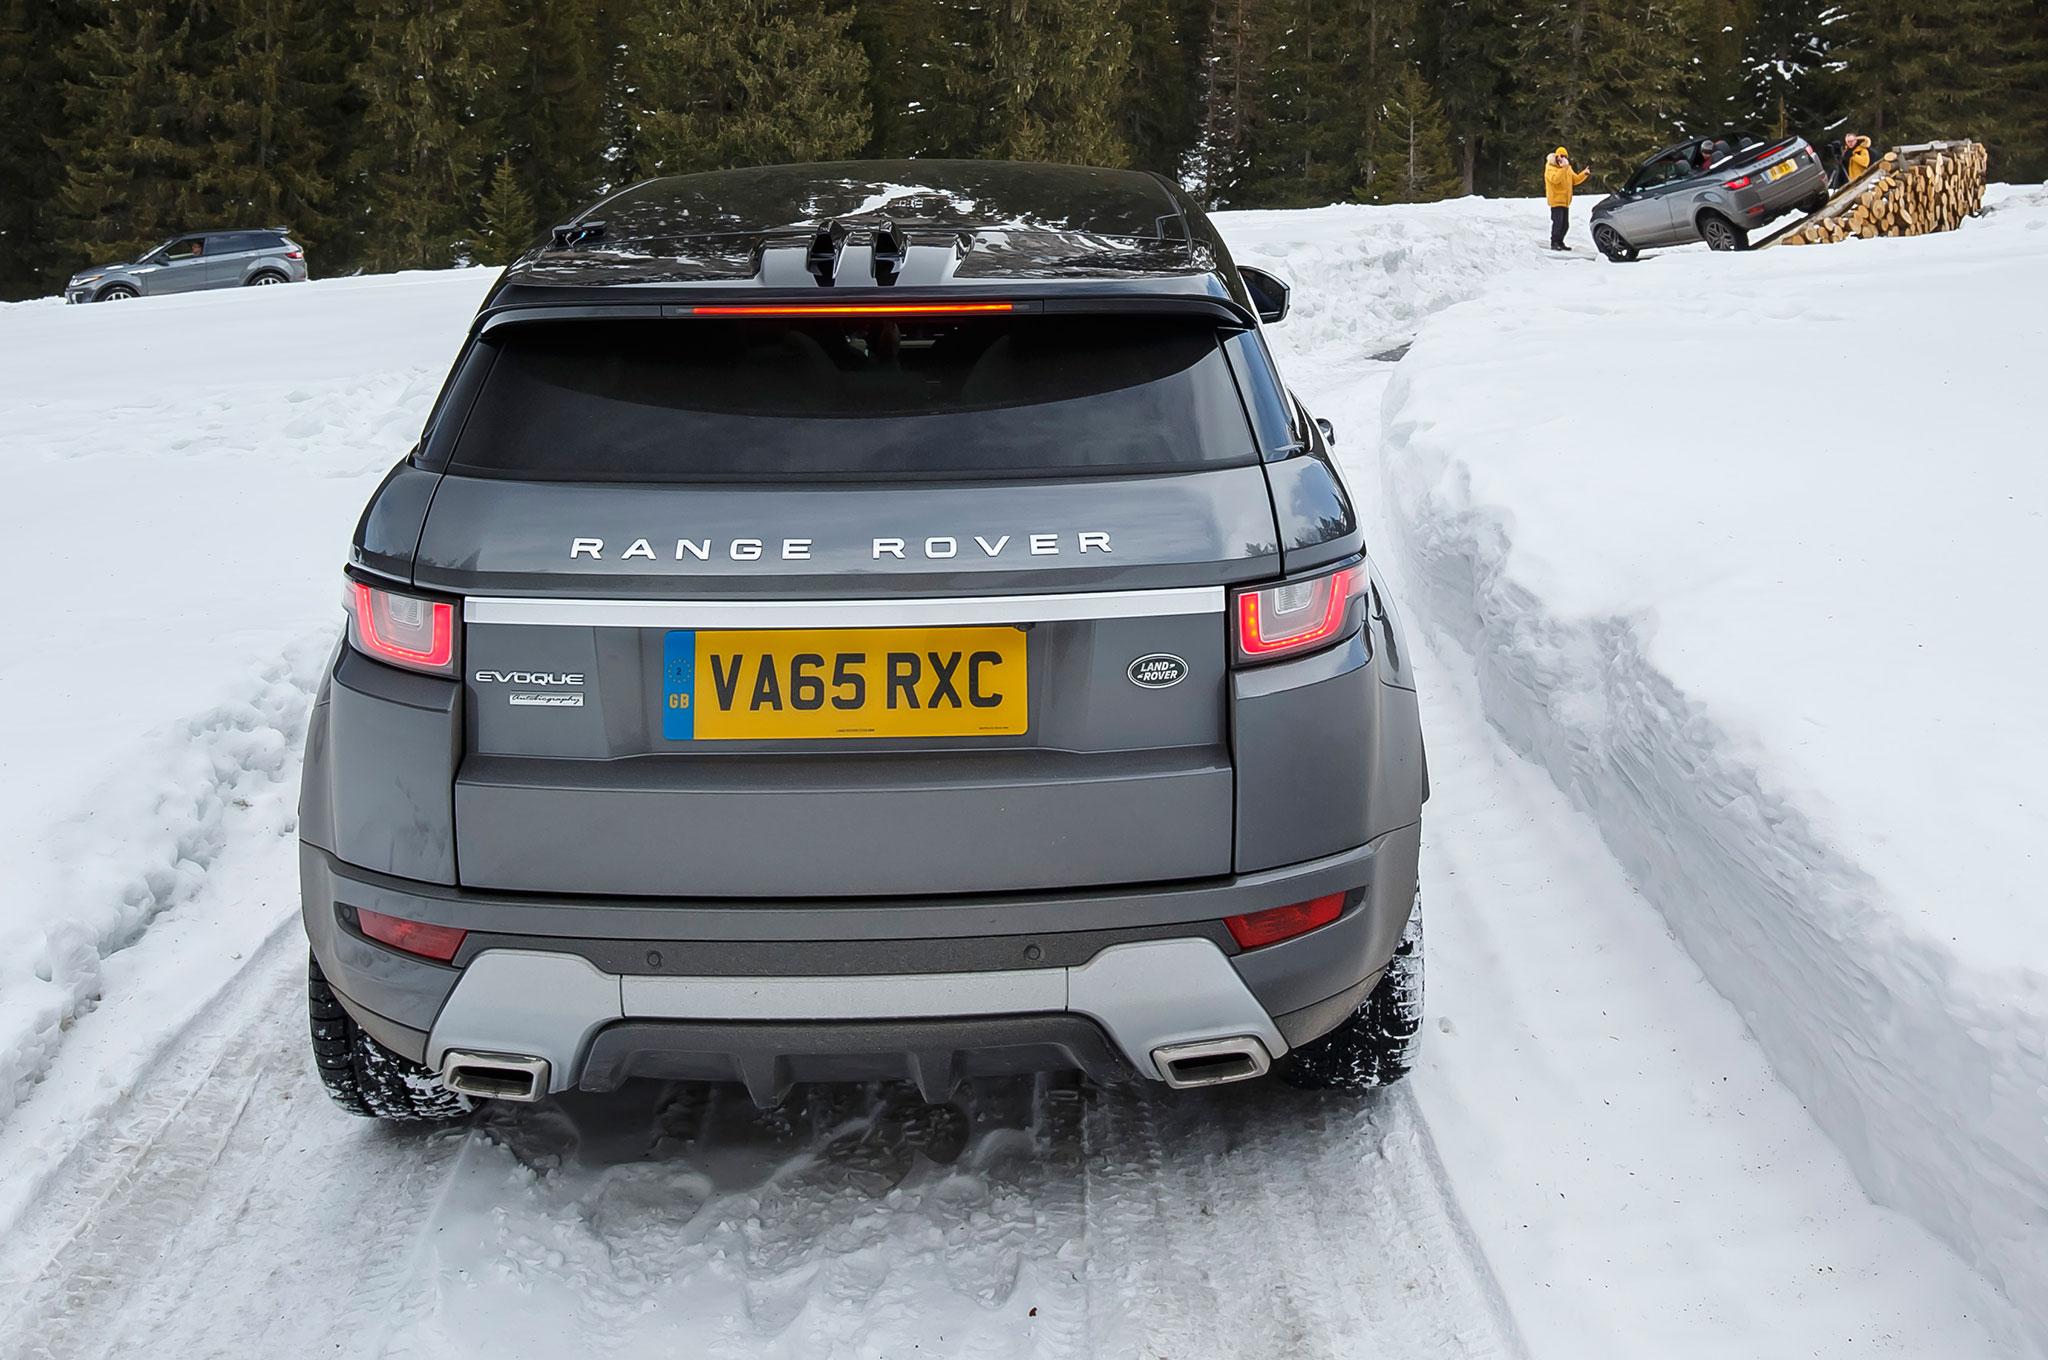 2017 Range Rover Evoque Convertible Review